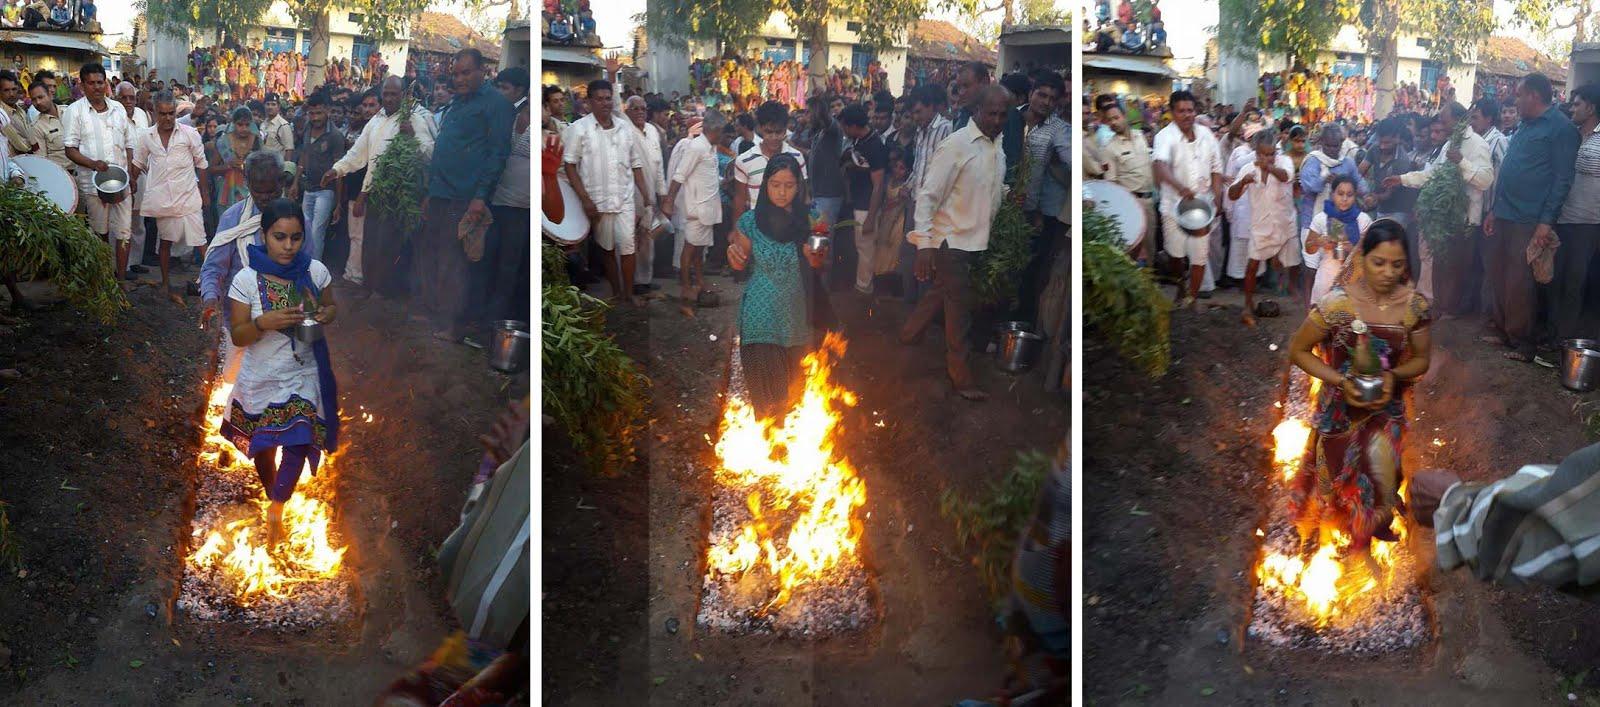 गल पर्व - गल घूम कर मन्नतधारियों ने उतारी मन्नत-Jhabua-Gal-Chul-Parva